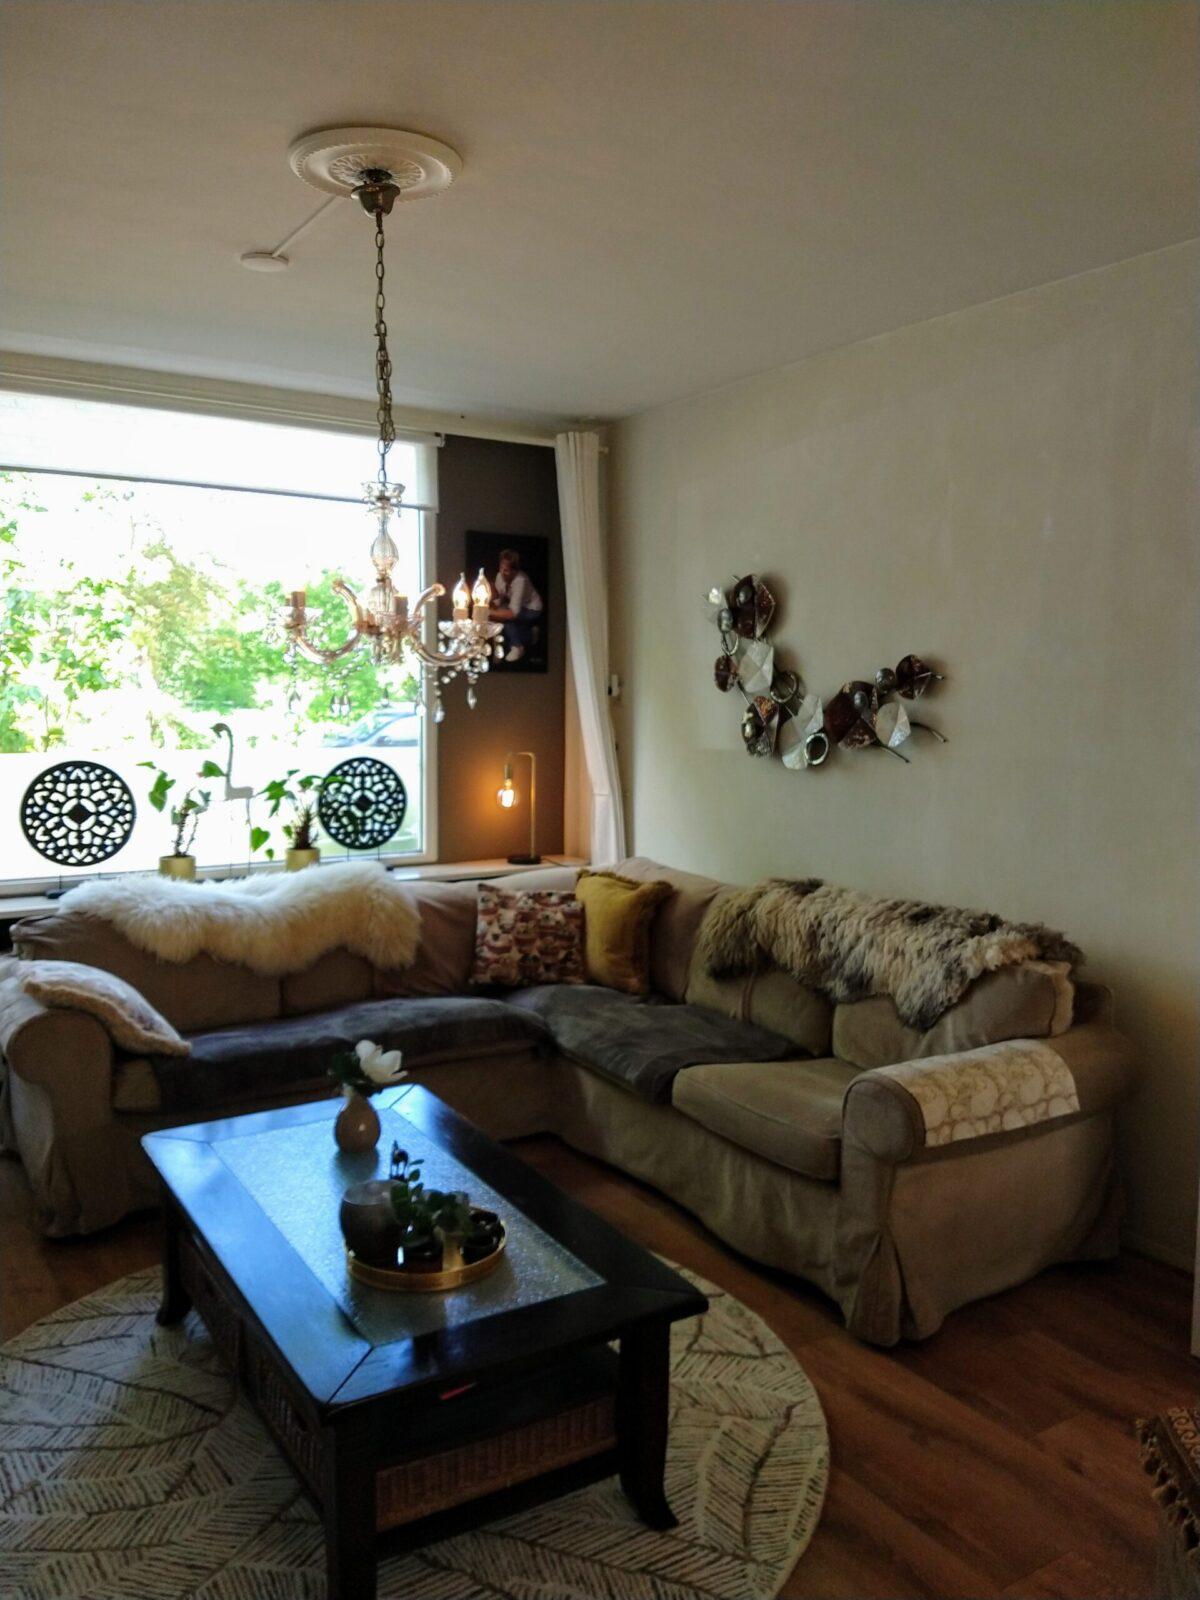 Modern art toegepast in klassieke woonkamer.